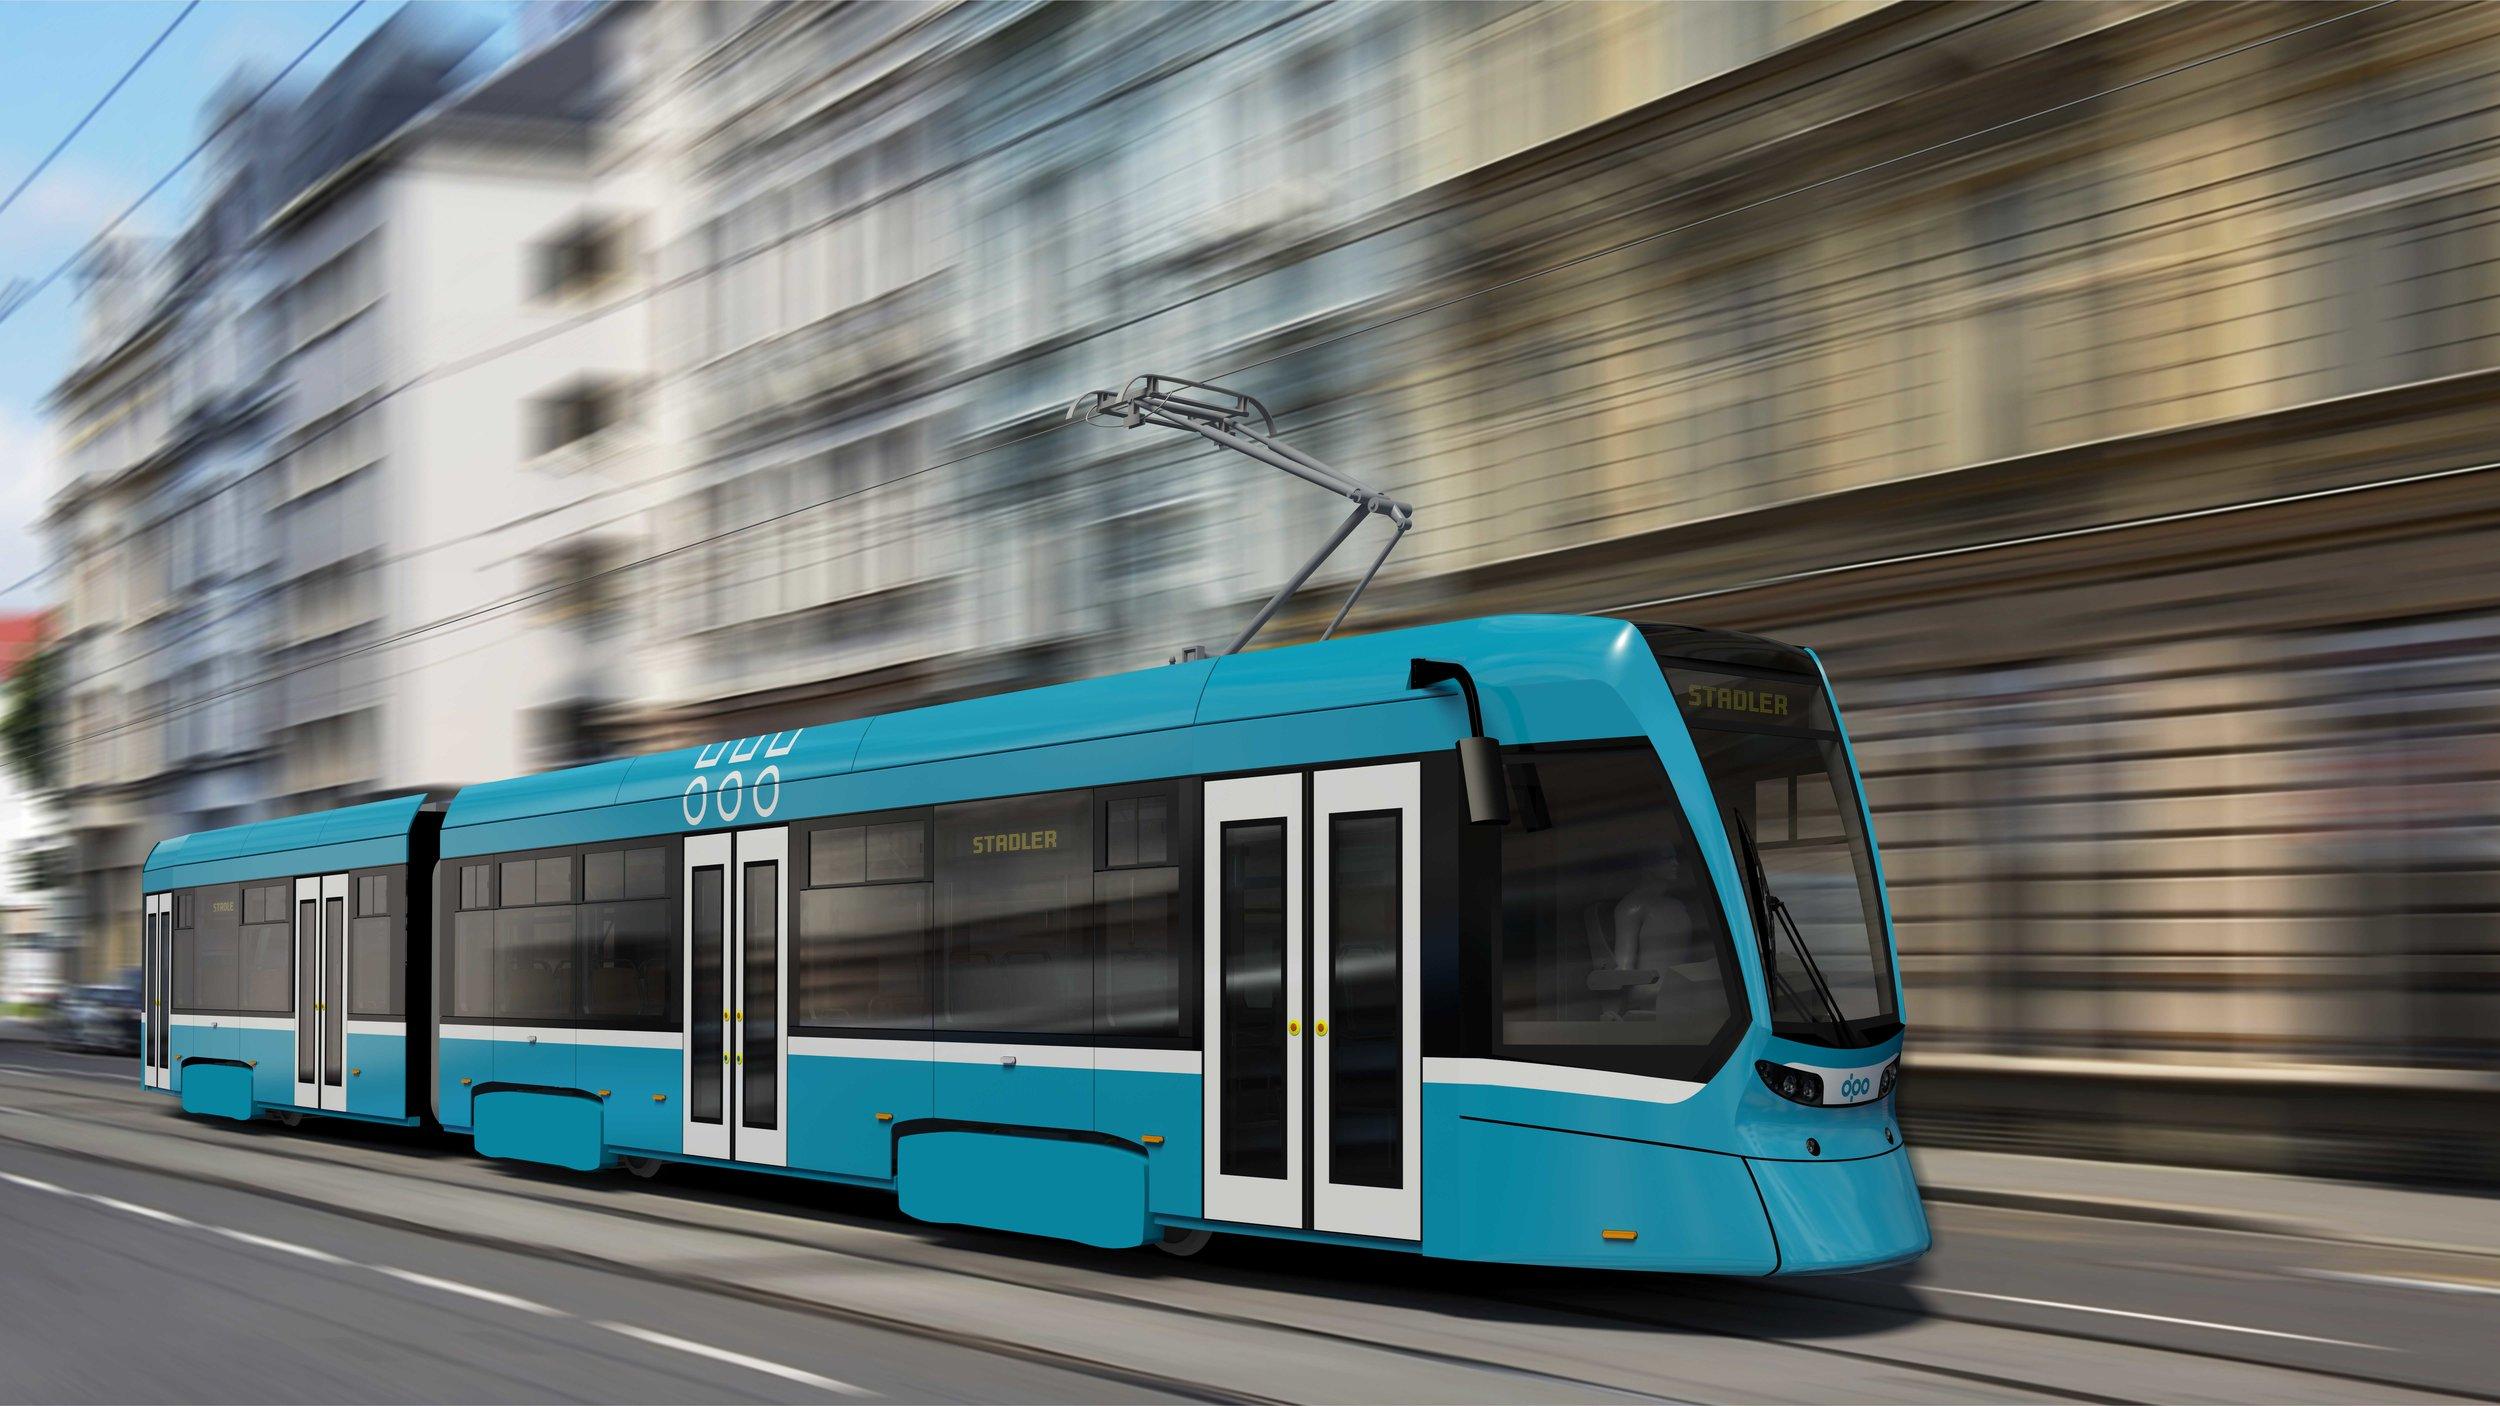 Takto by měly nové tramvaje pro Ostravu vypadat. (zdroj: Stadler)